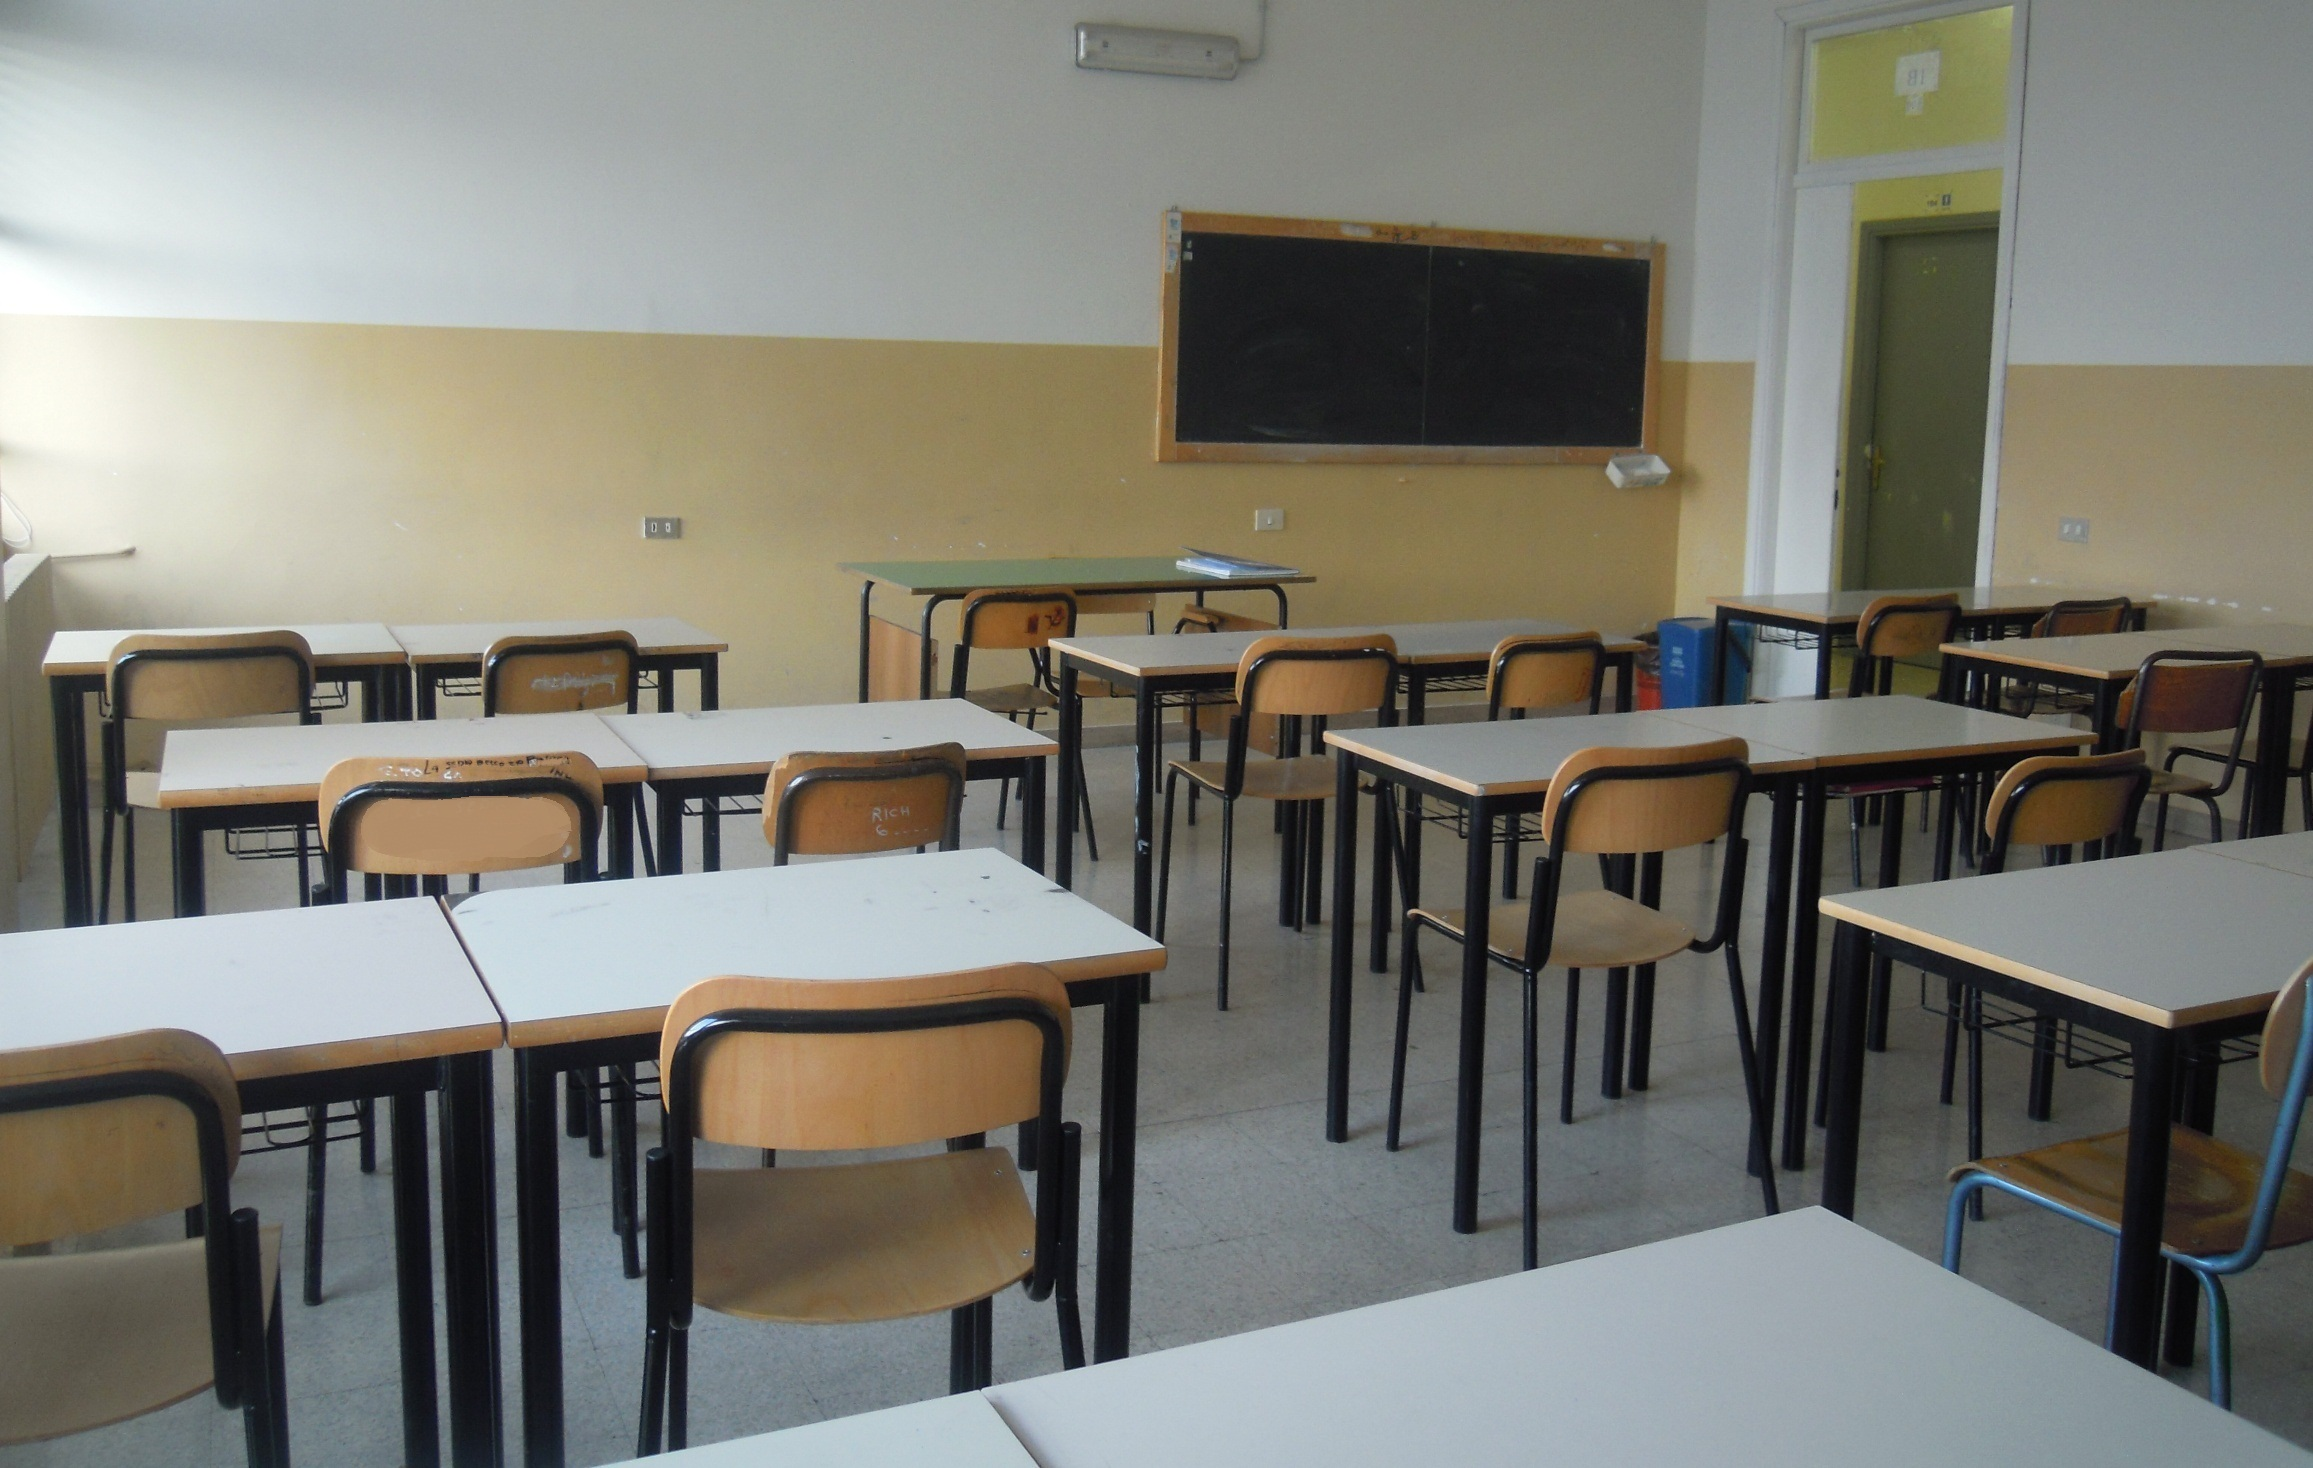 Calendario Scolastico 2020 Sicilia.Scuola In Sicilia Studenti In Classe Giovedi 12 Settembre